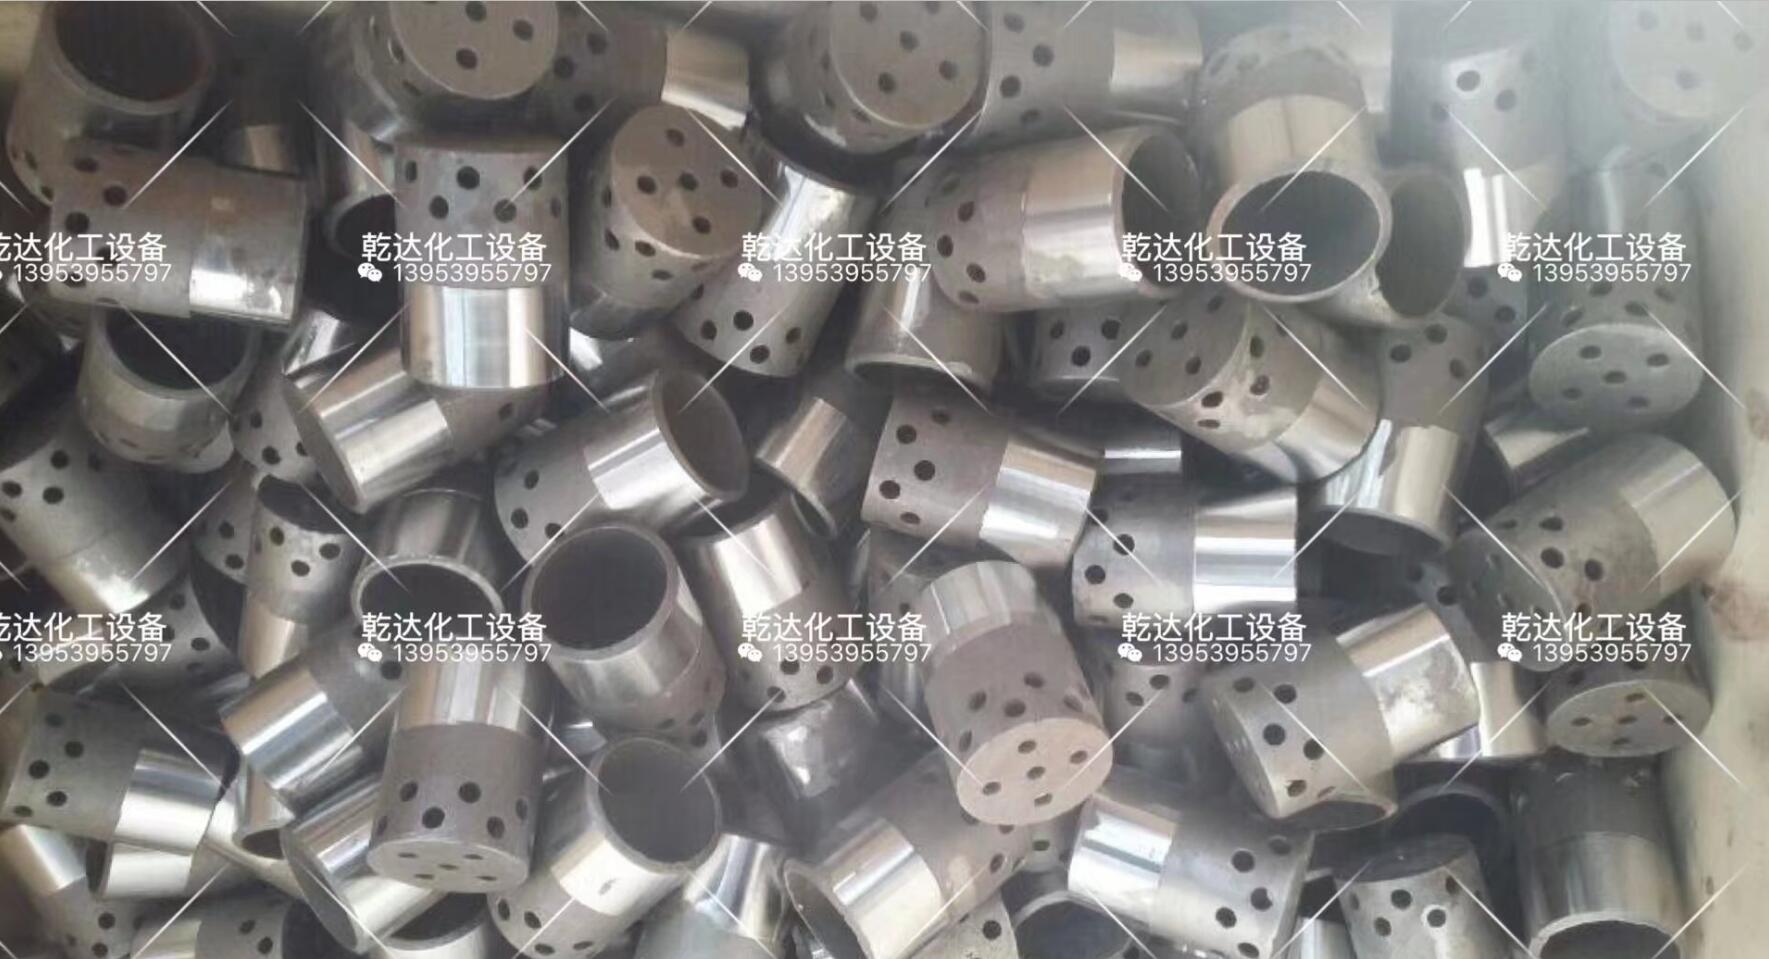 乾达huagong设备提供好的沸teng炉feng帽-港口沸teng炉feng帽专业供应